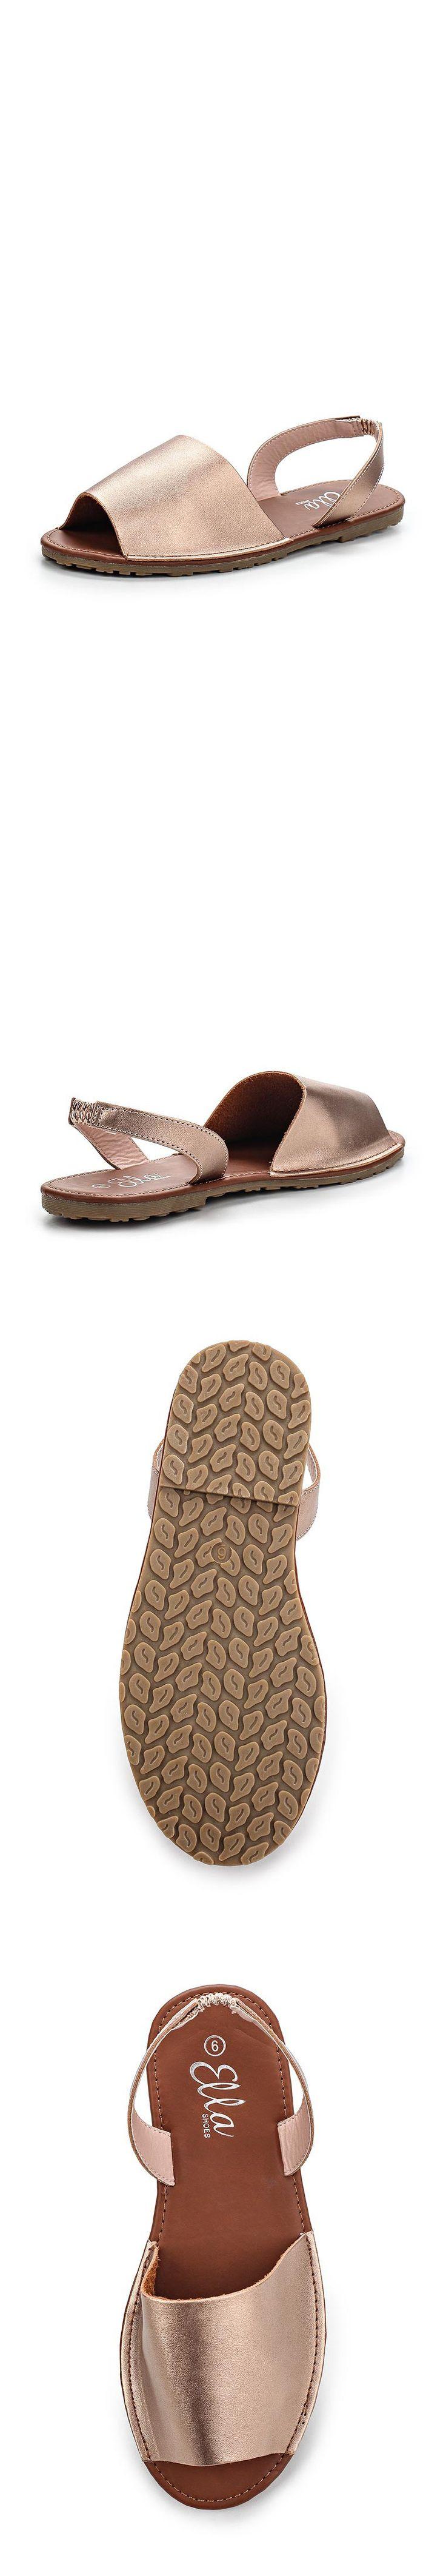 Женская обувь сандалии Ella за 1999.00 руб.